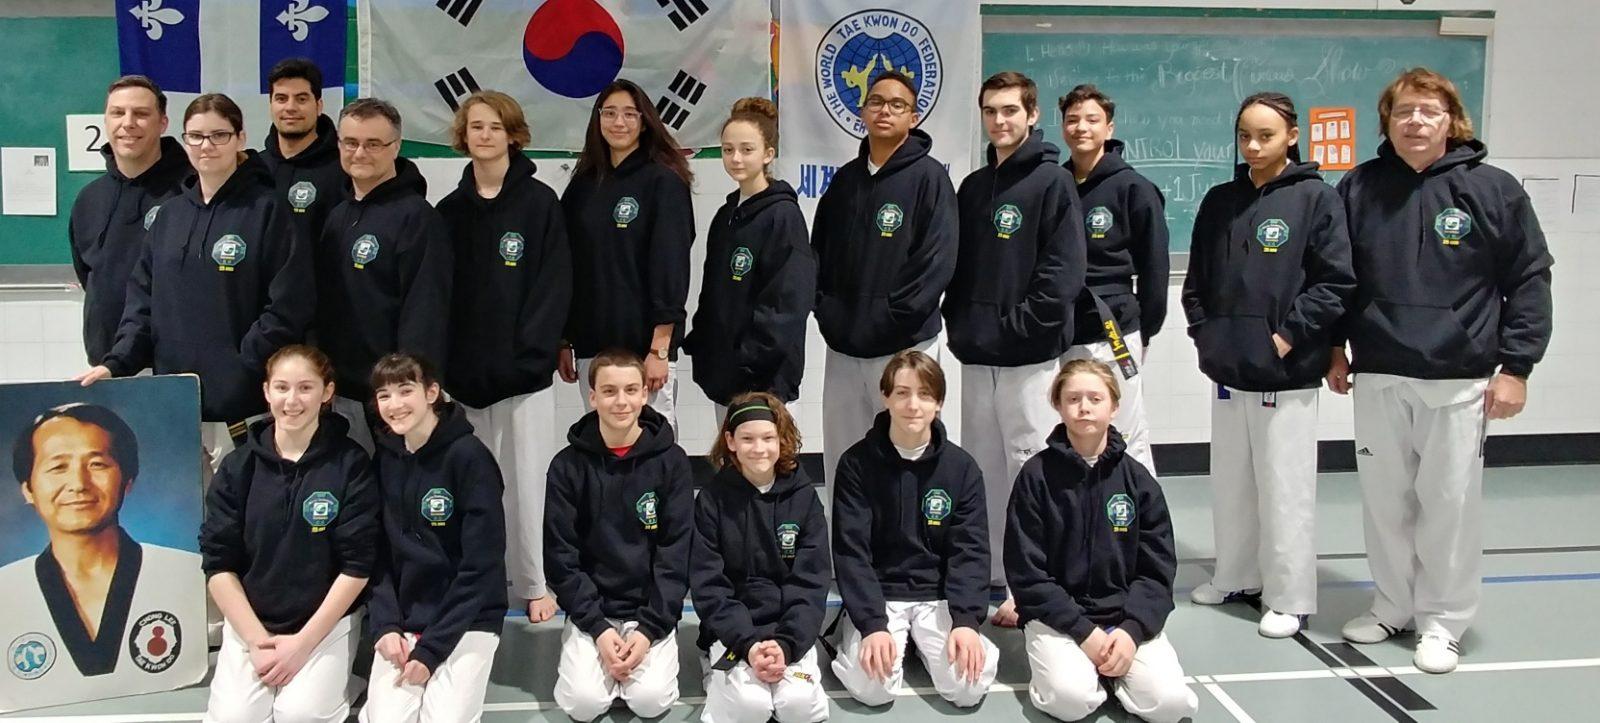 Le Club de taekwondo de Varennes souffle 25 bougies